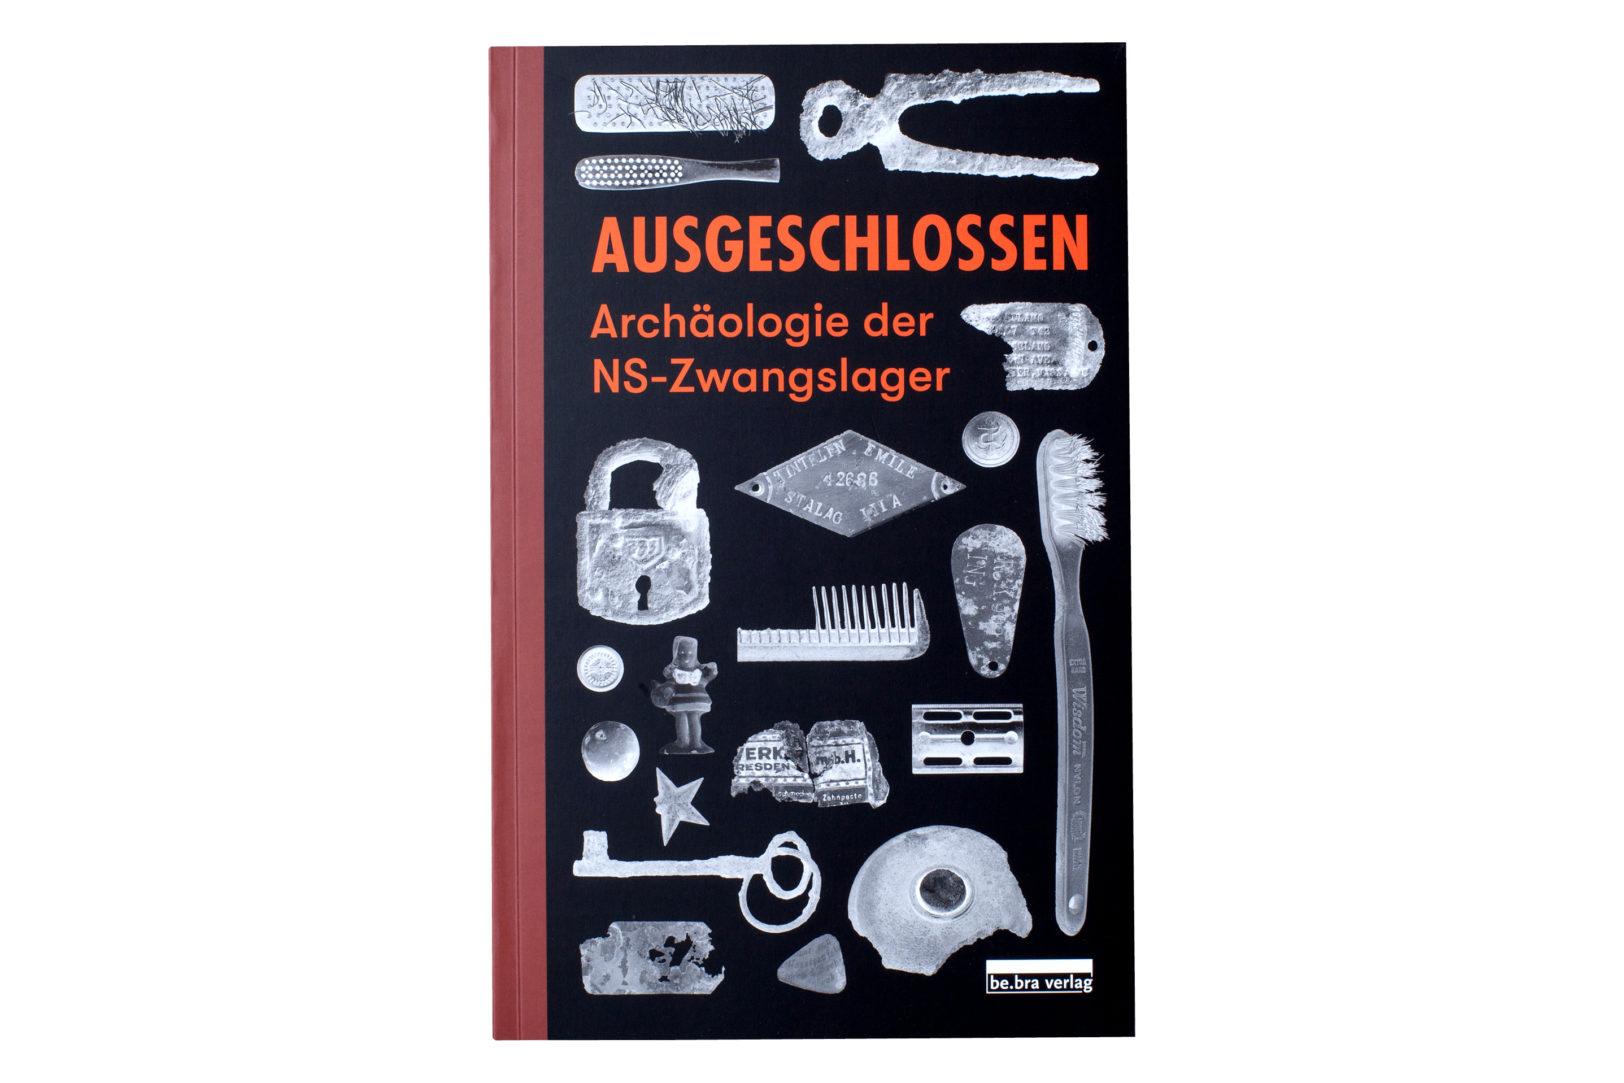 http://e-o-t.de/wordpress/wp-content/uploads/2020/04/eot-books-Ausgeschlossen-1.jpg